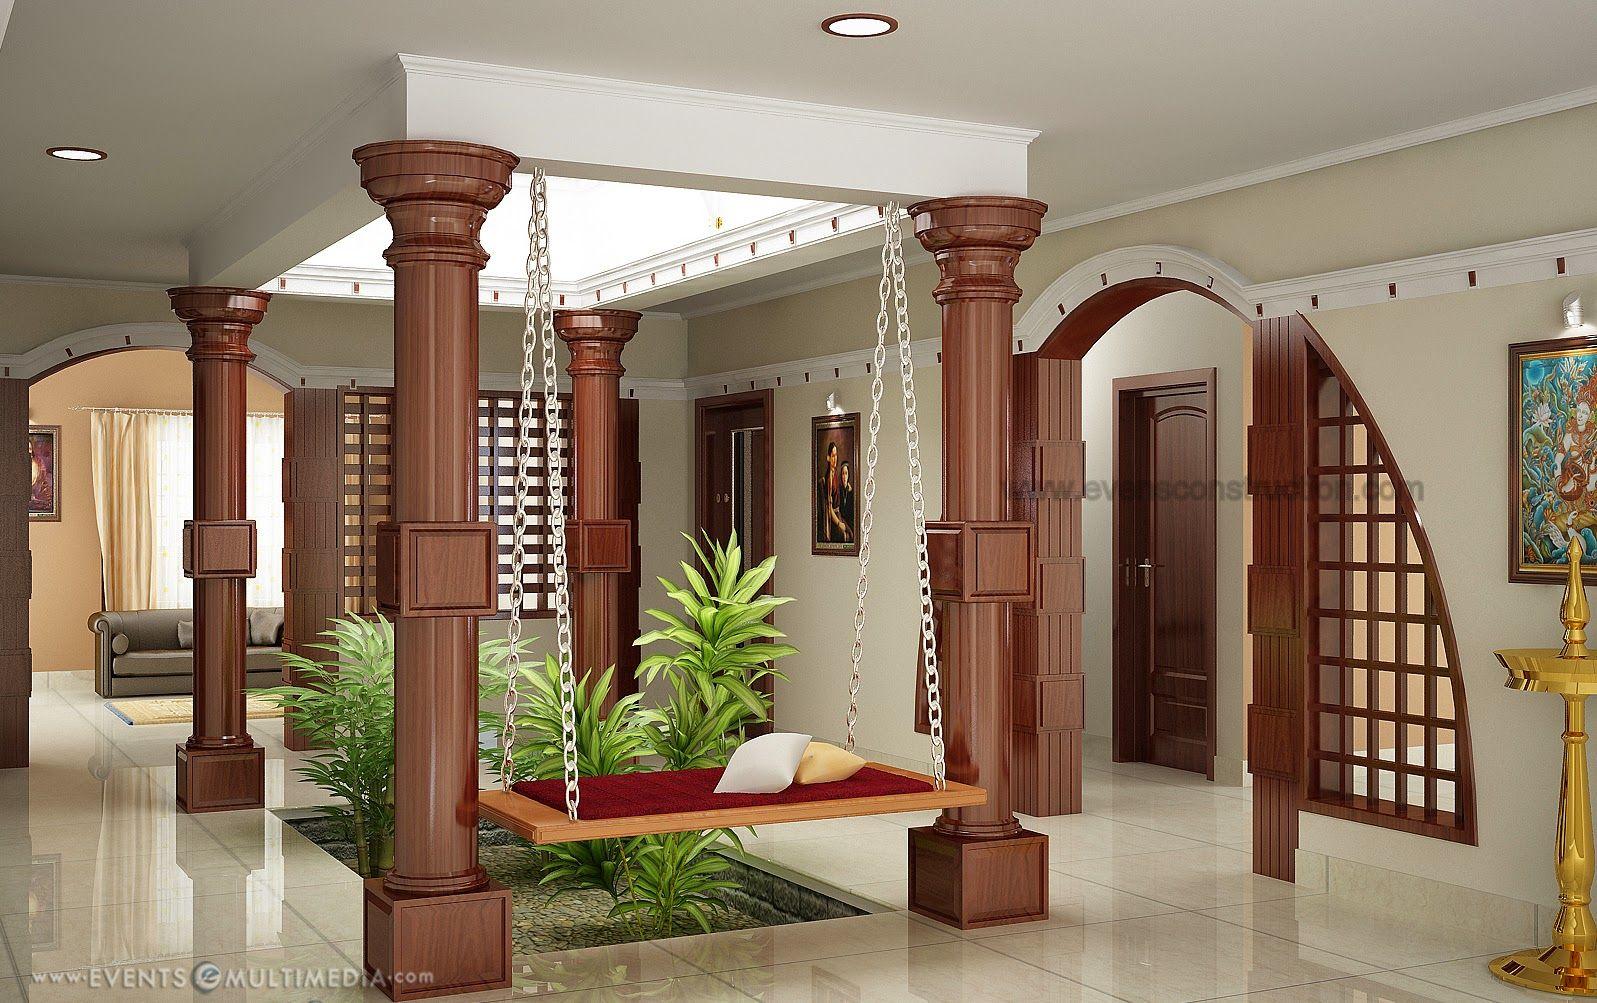 Interior design kerala google search also home ideas pinterest rh za